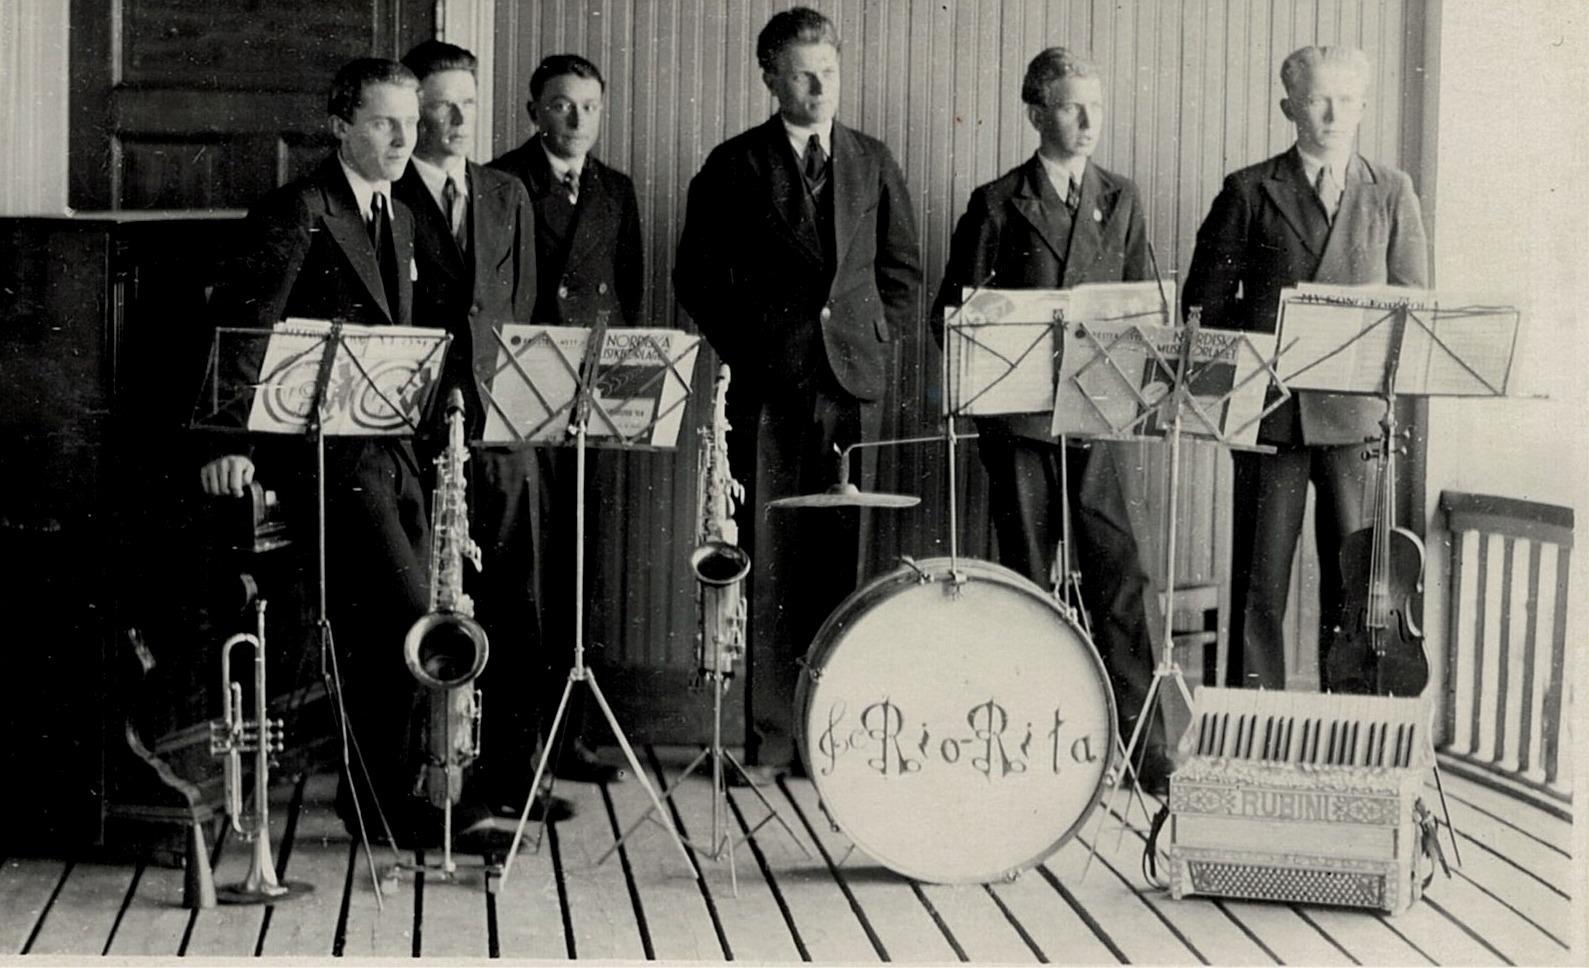 Mellan åren 1932 till 1939 så var Rio-Rita den absolut populäraste dansorkestern i Syd-Österbotten. Från vänster Åke Knus, som spelade piano, Emil Björknäs på tenorsaxofon, Birger Lillhannus på trumpet, Lennart Knus på altsaxofon, Elis Knus på dragspel och Otto Fröberg på fiol och dom står på lokalens uteveranda i Lappfjärd. Från början hade orkestern också flera andra medlemmar, bland annat Valter Enlund, Torsten Pärus, Sigurd Brogård, Valter Brogård och Egil Appel.